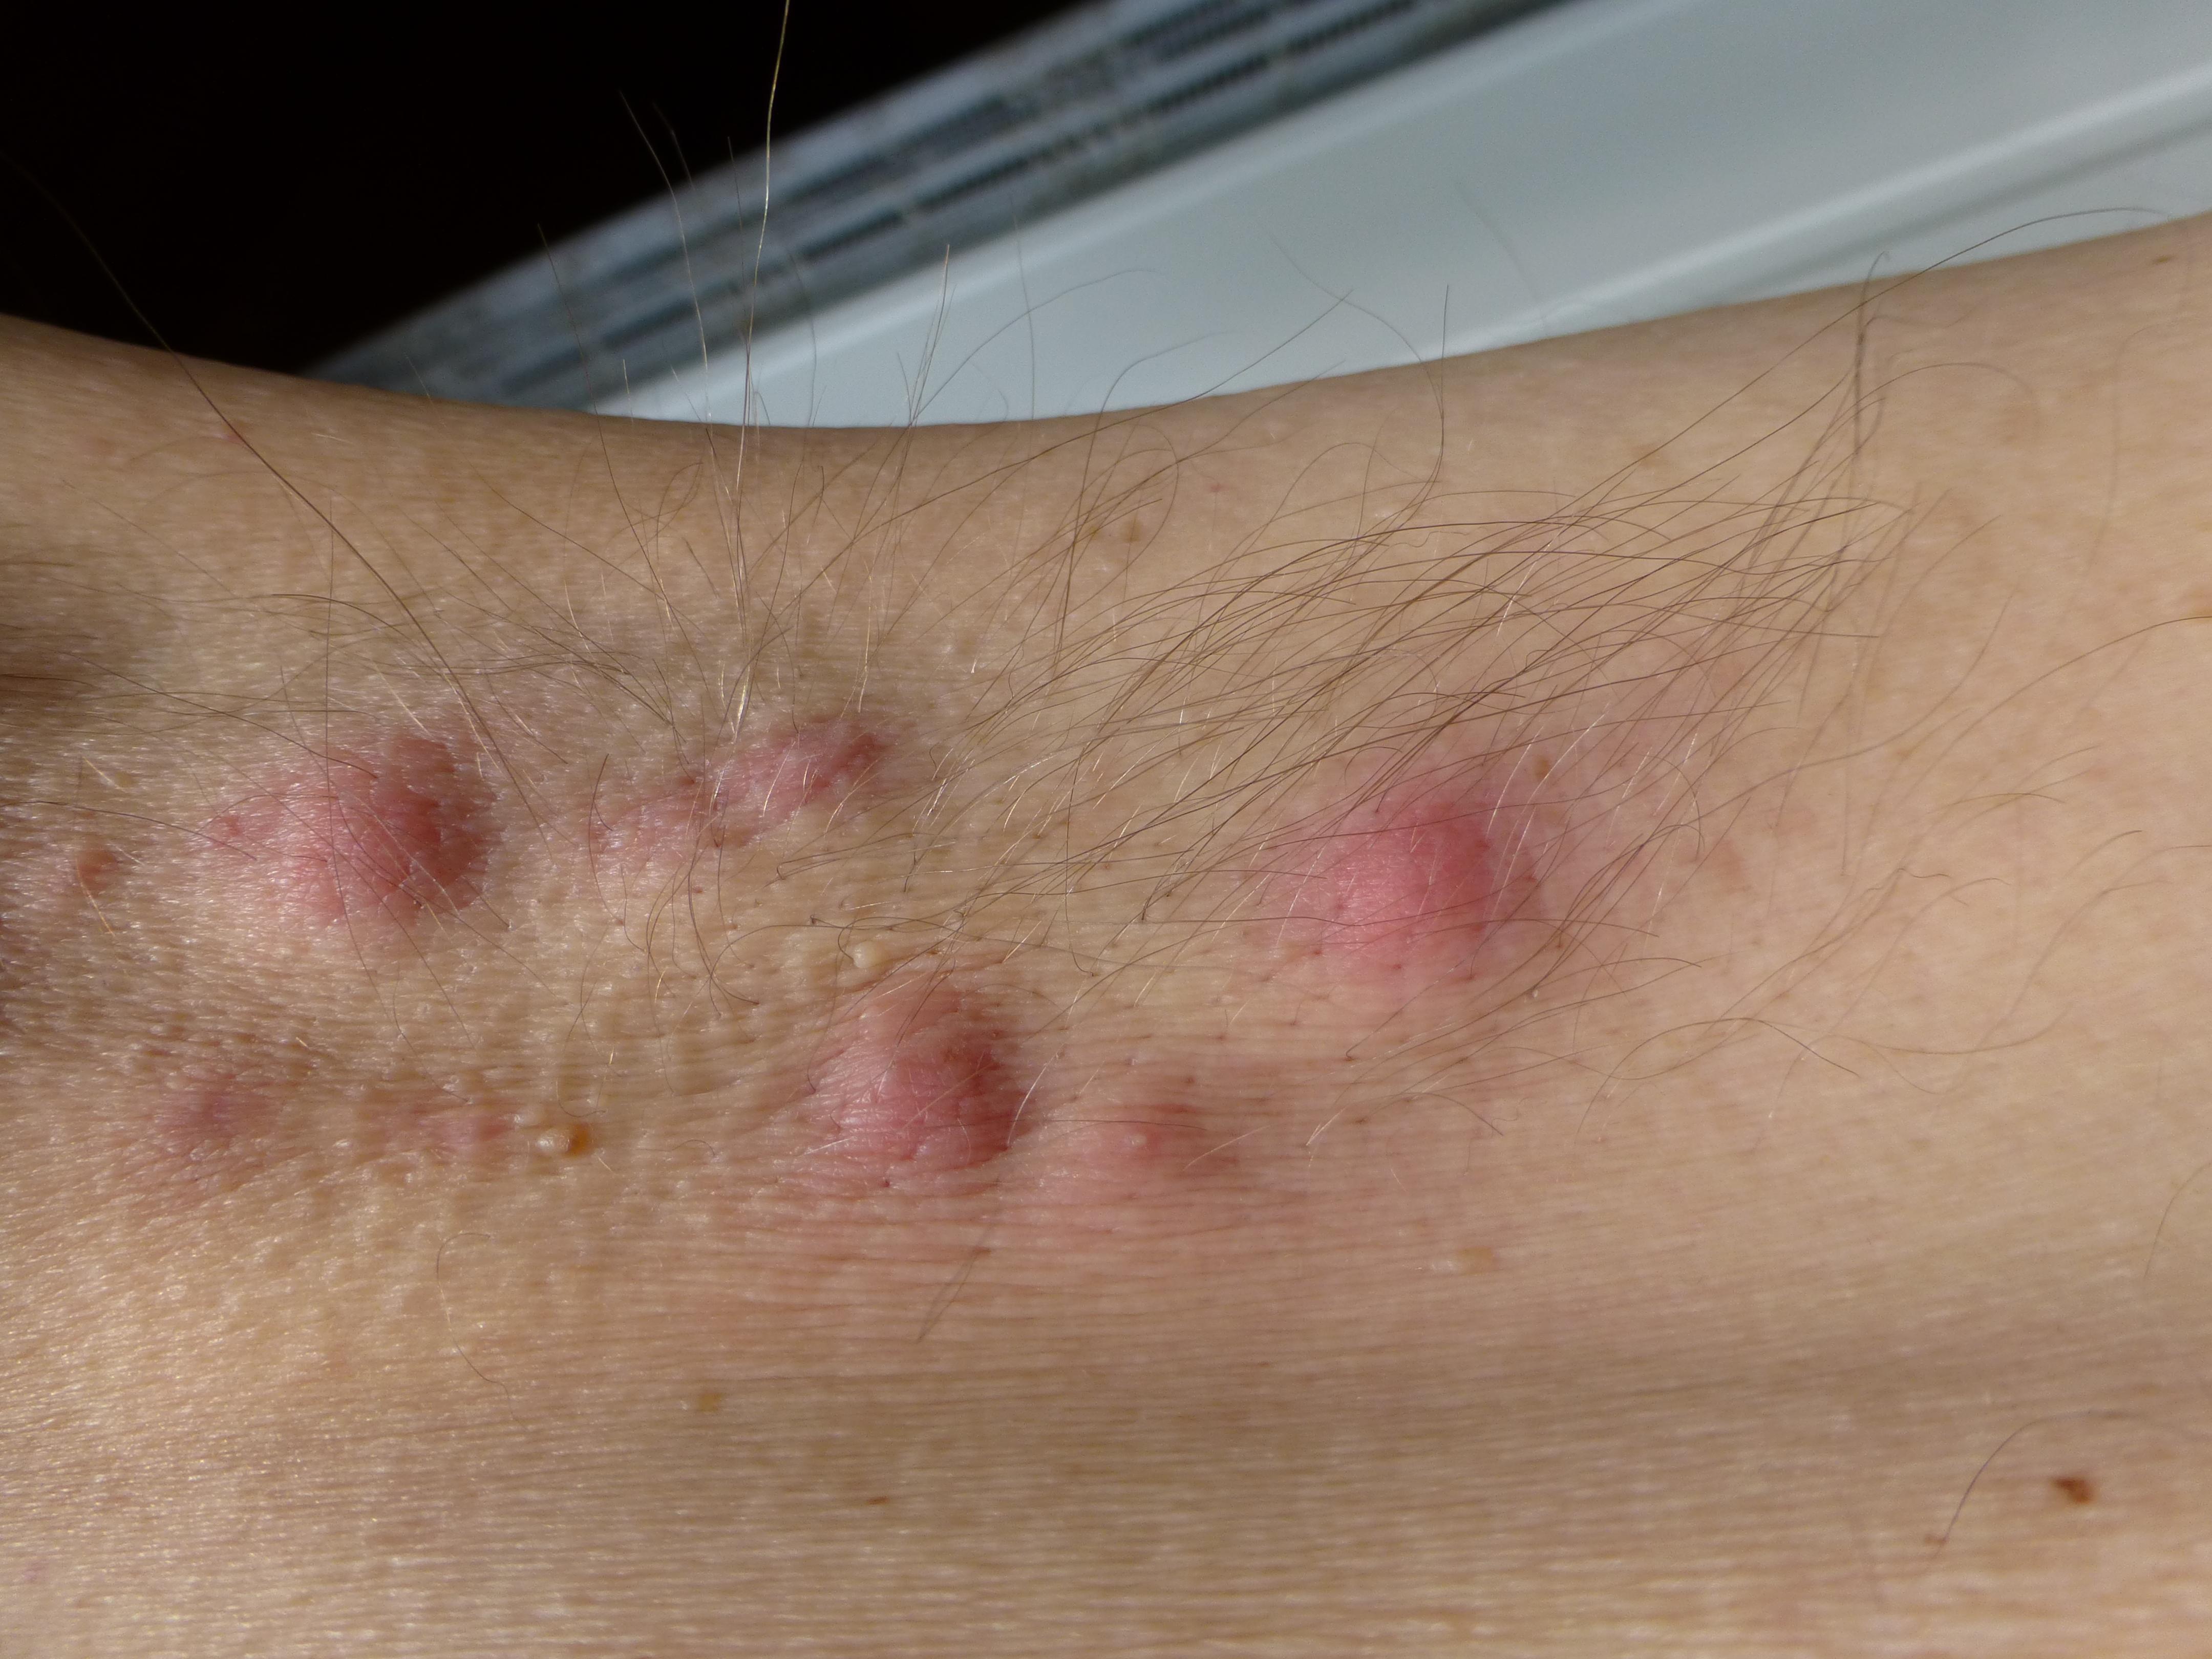 Varböld i armhålan